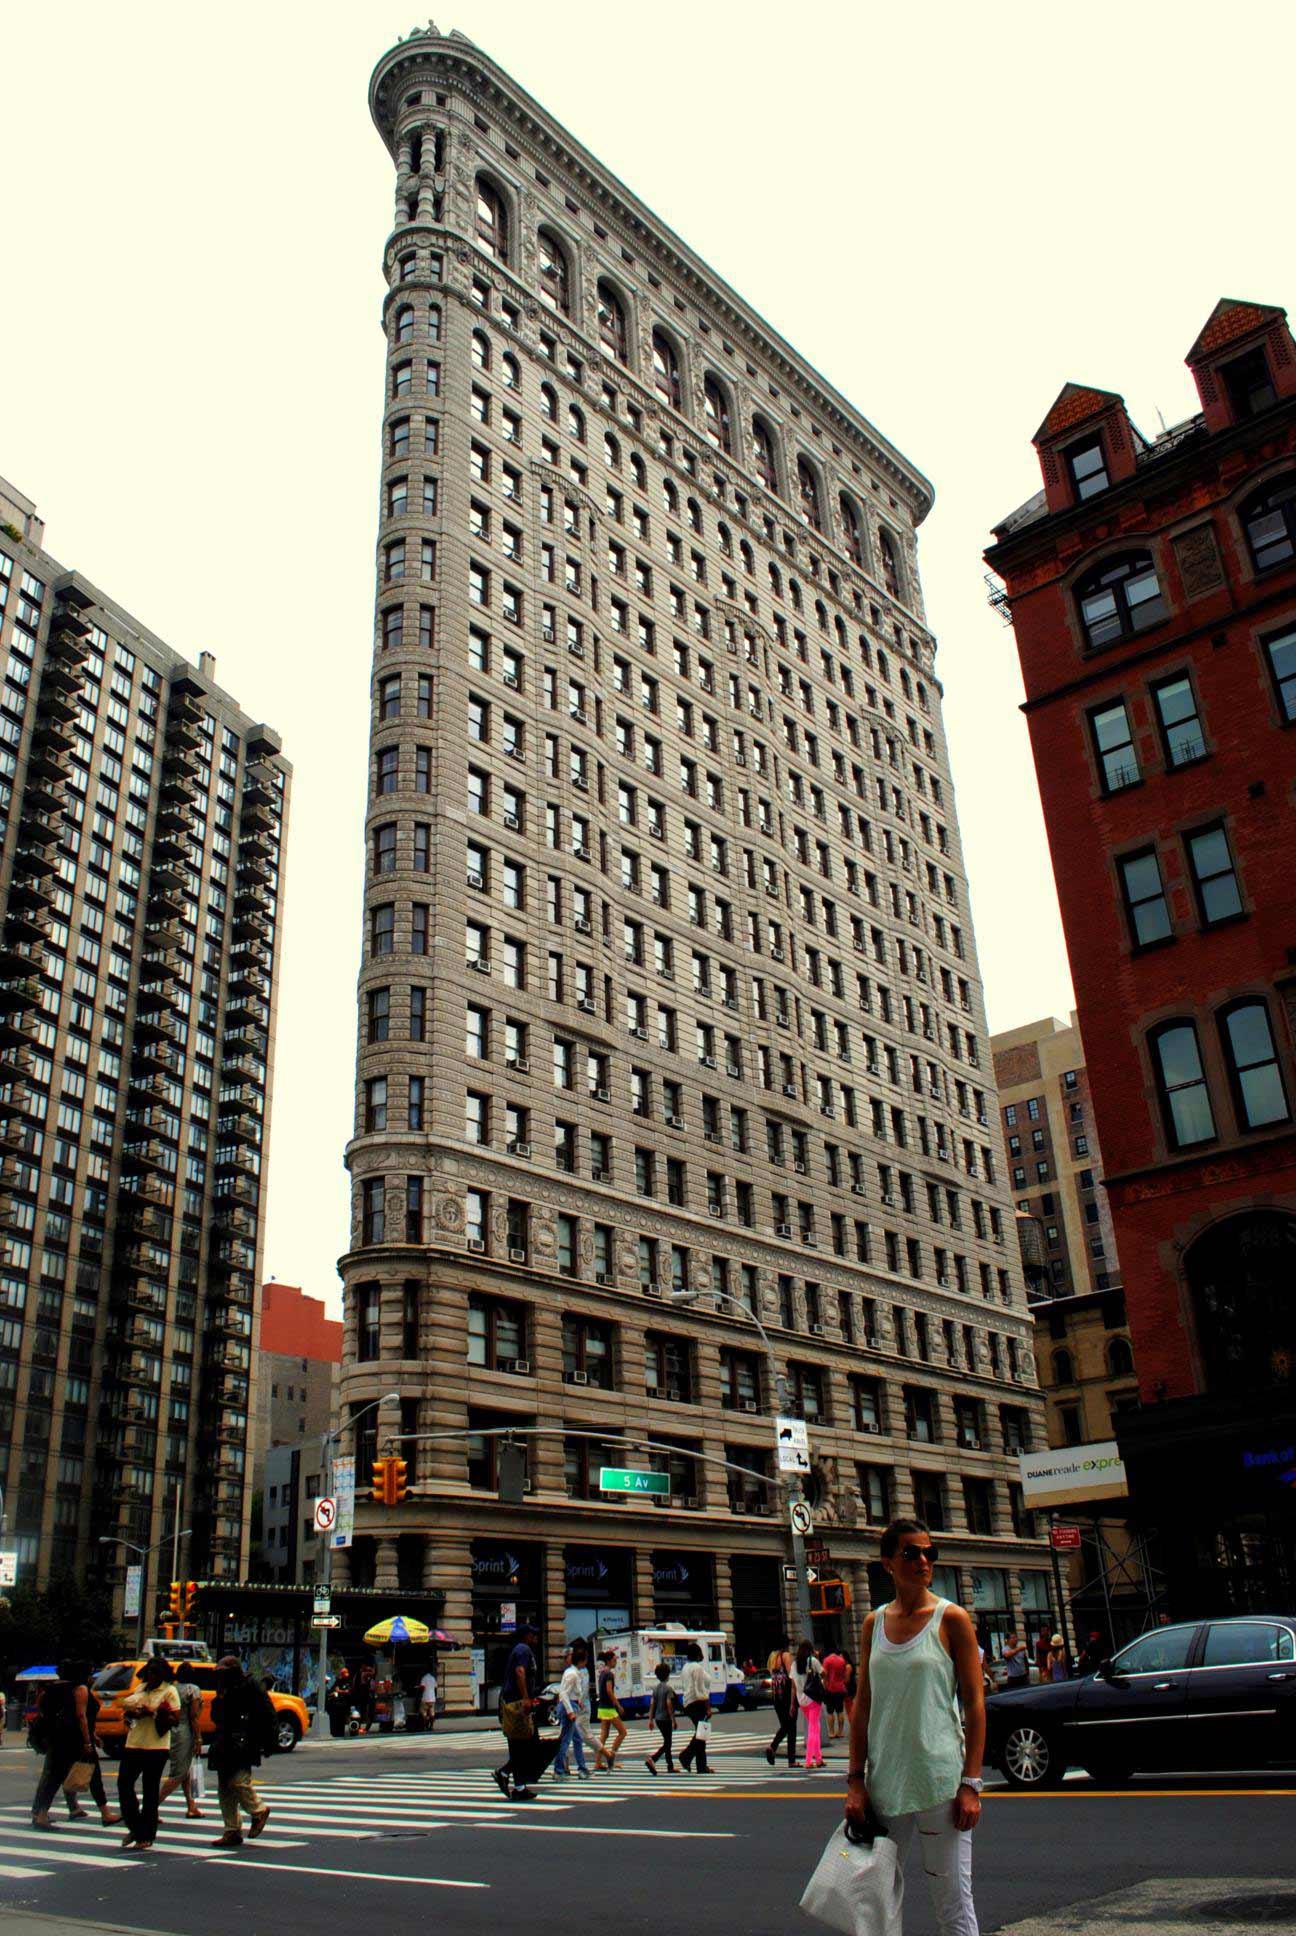 qu decir de l que no se haya dicho yaues sin lugar a dudas el edificio ms famoso de nueva york y actualmente